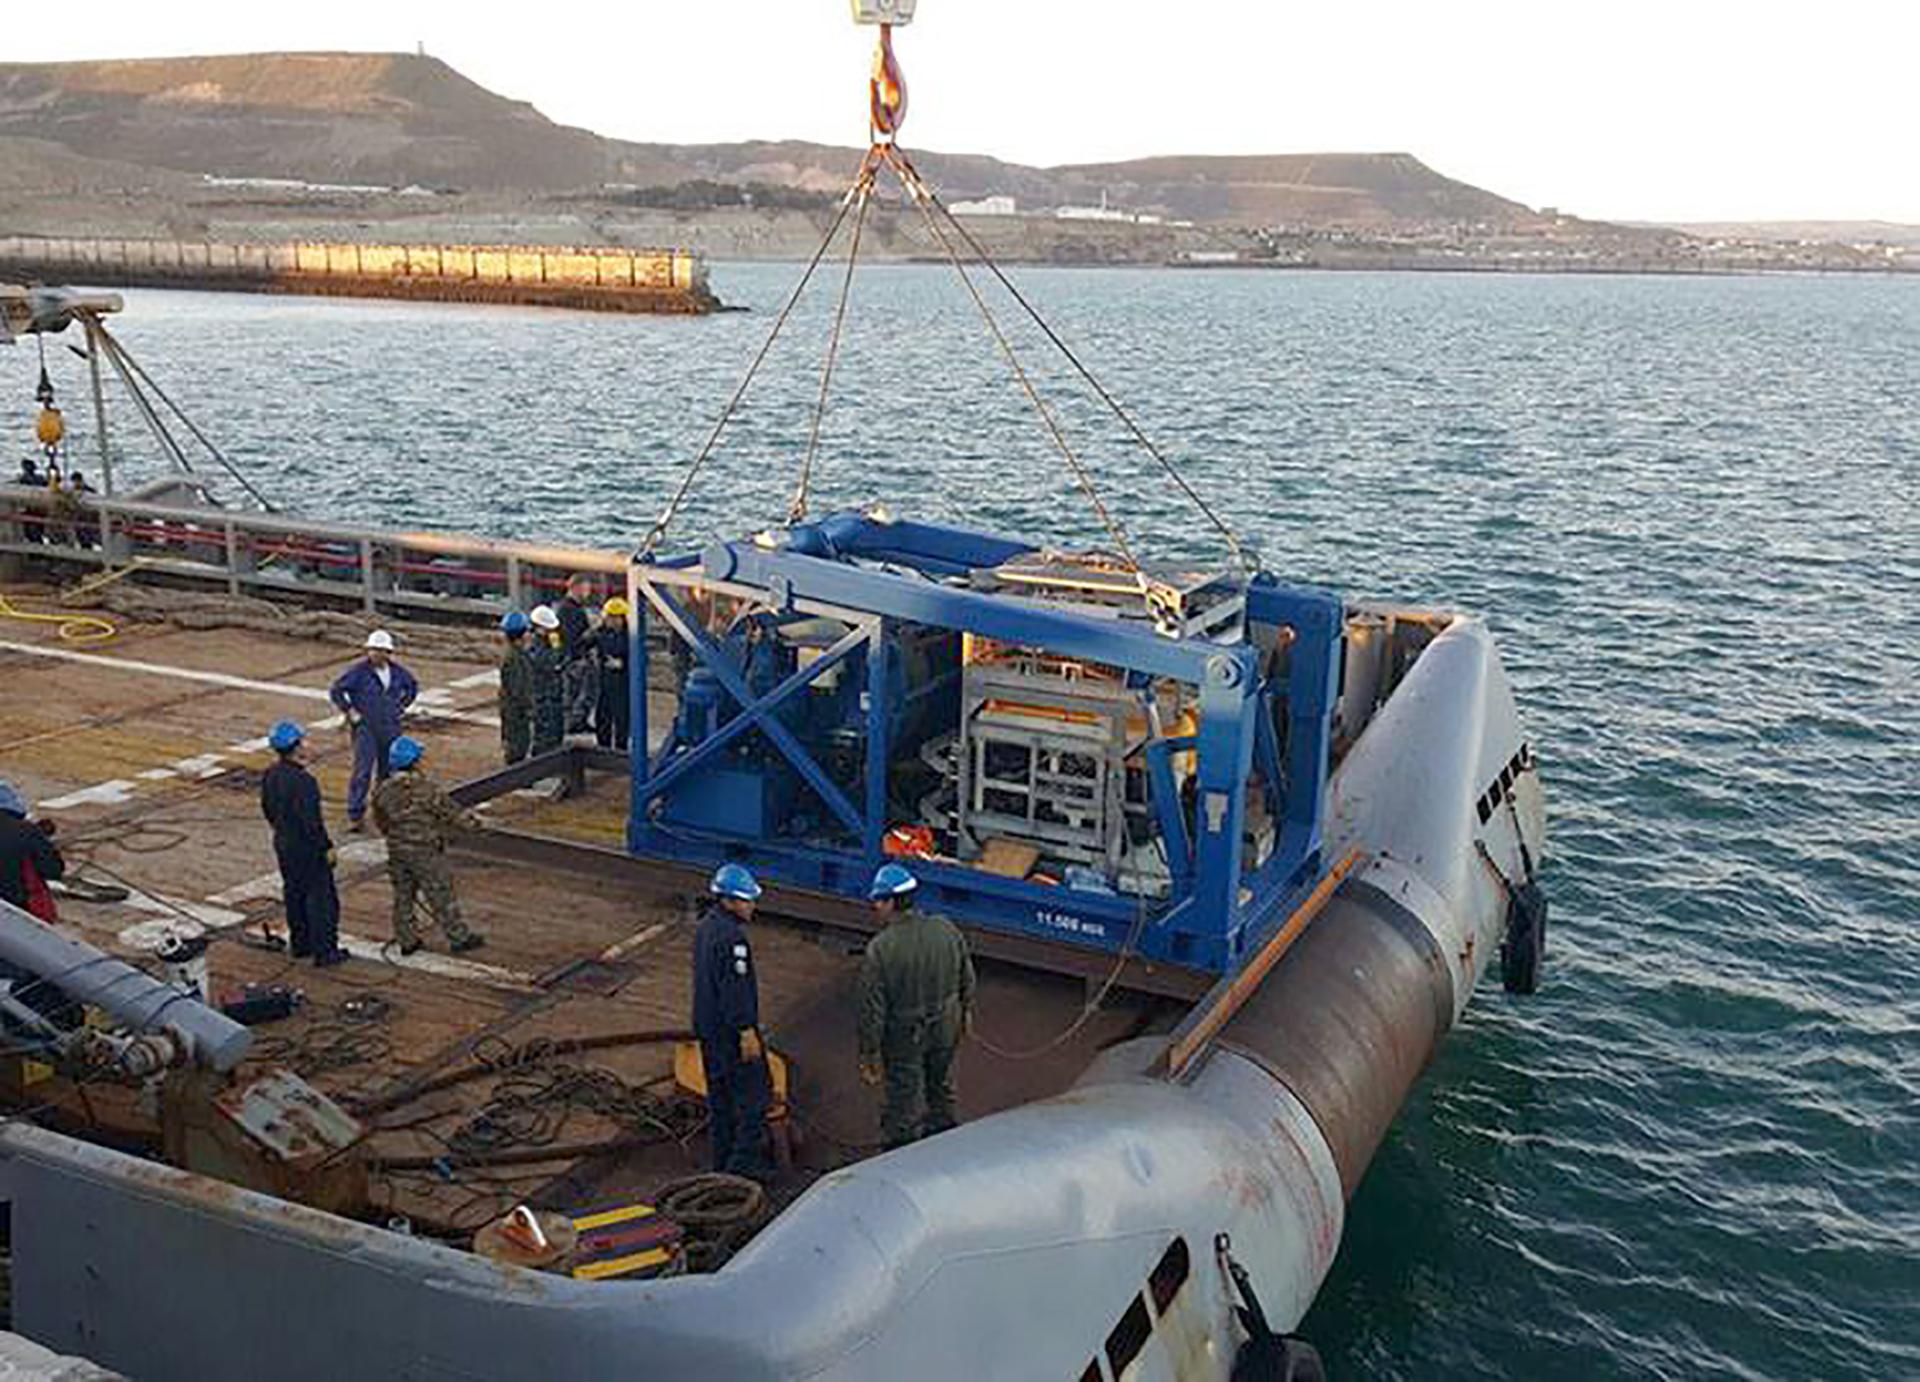 El mini submarino Pantera Plus que participó de la búsqueda del ARA San Juan